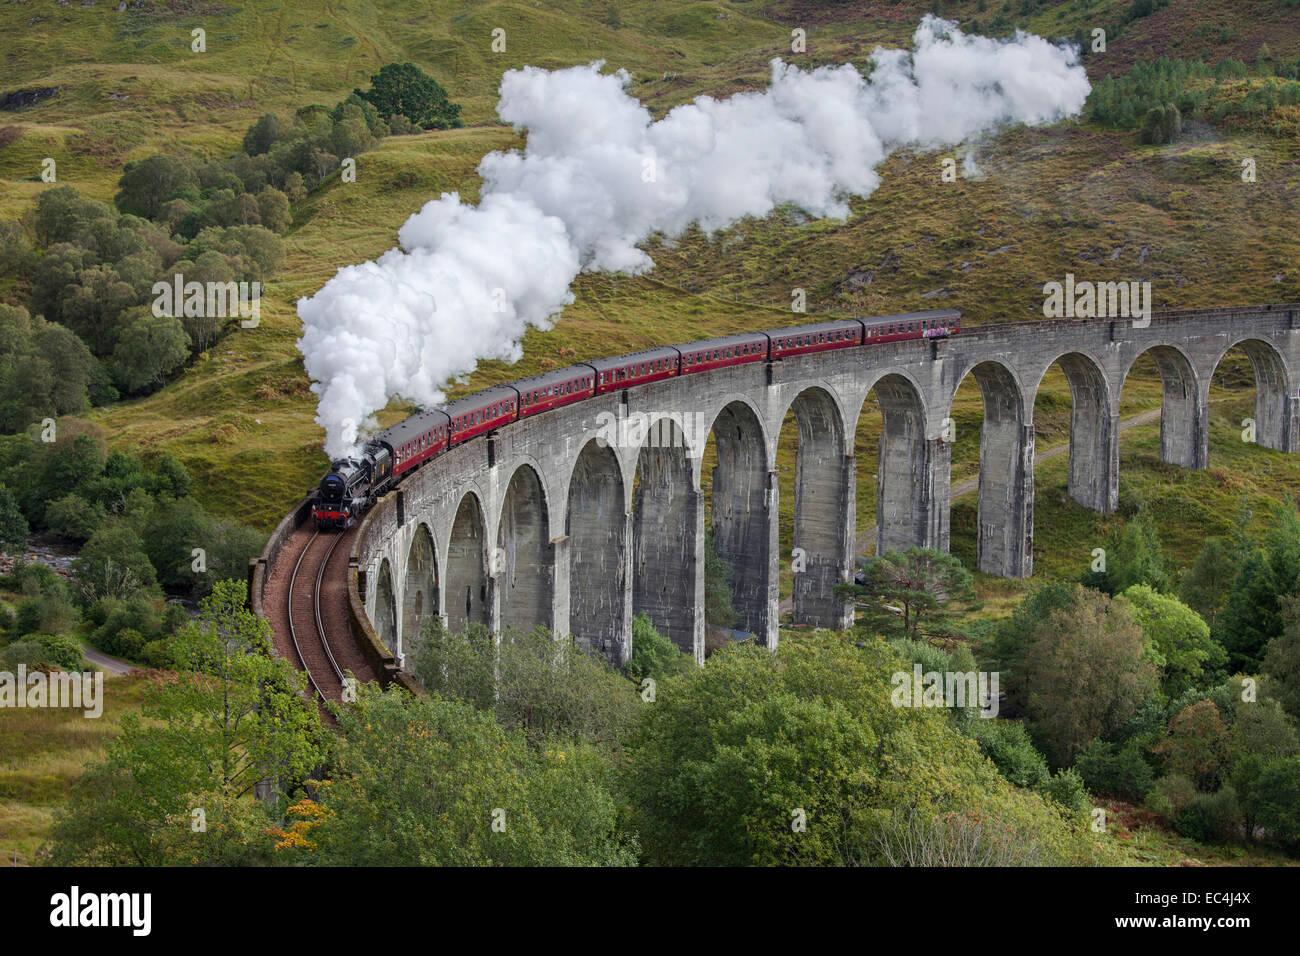 Le train à vapeur Jacobite sur le viaduc de Glenfinnan, West Highland Line en Ecosse. Banque D'Images